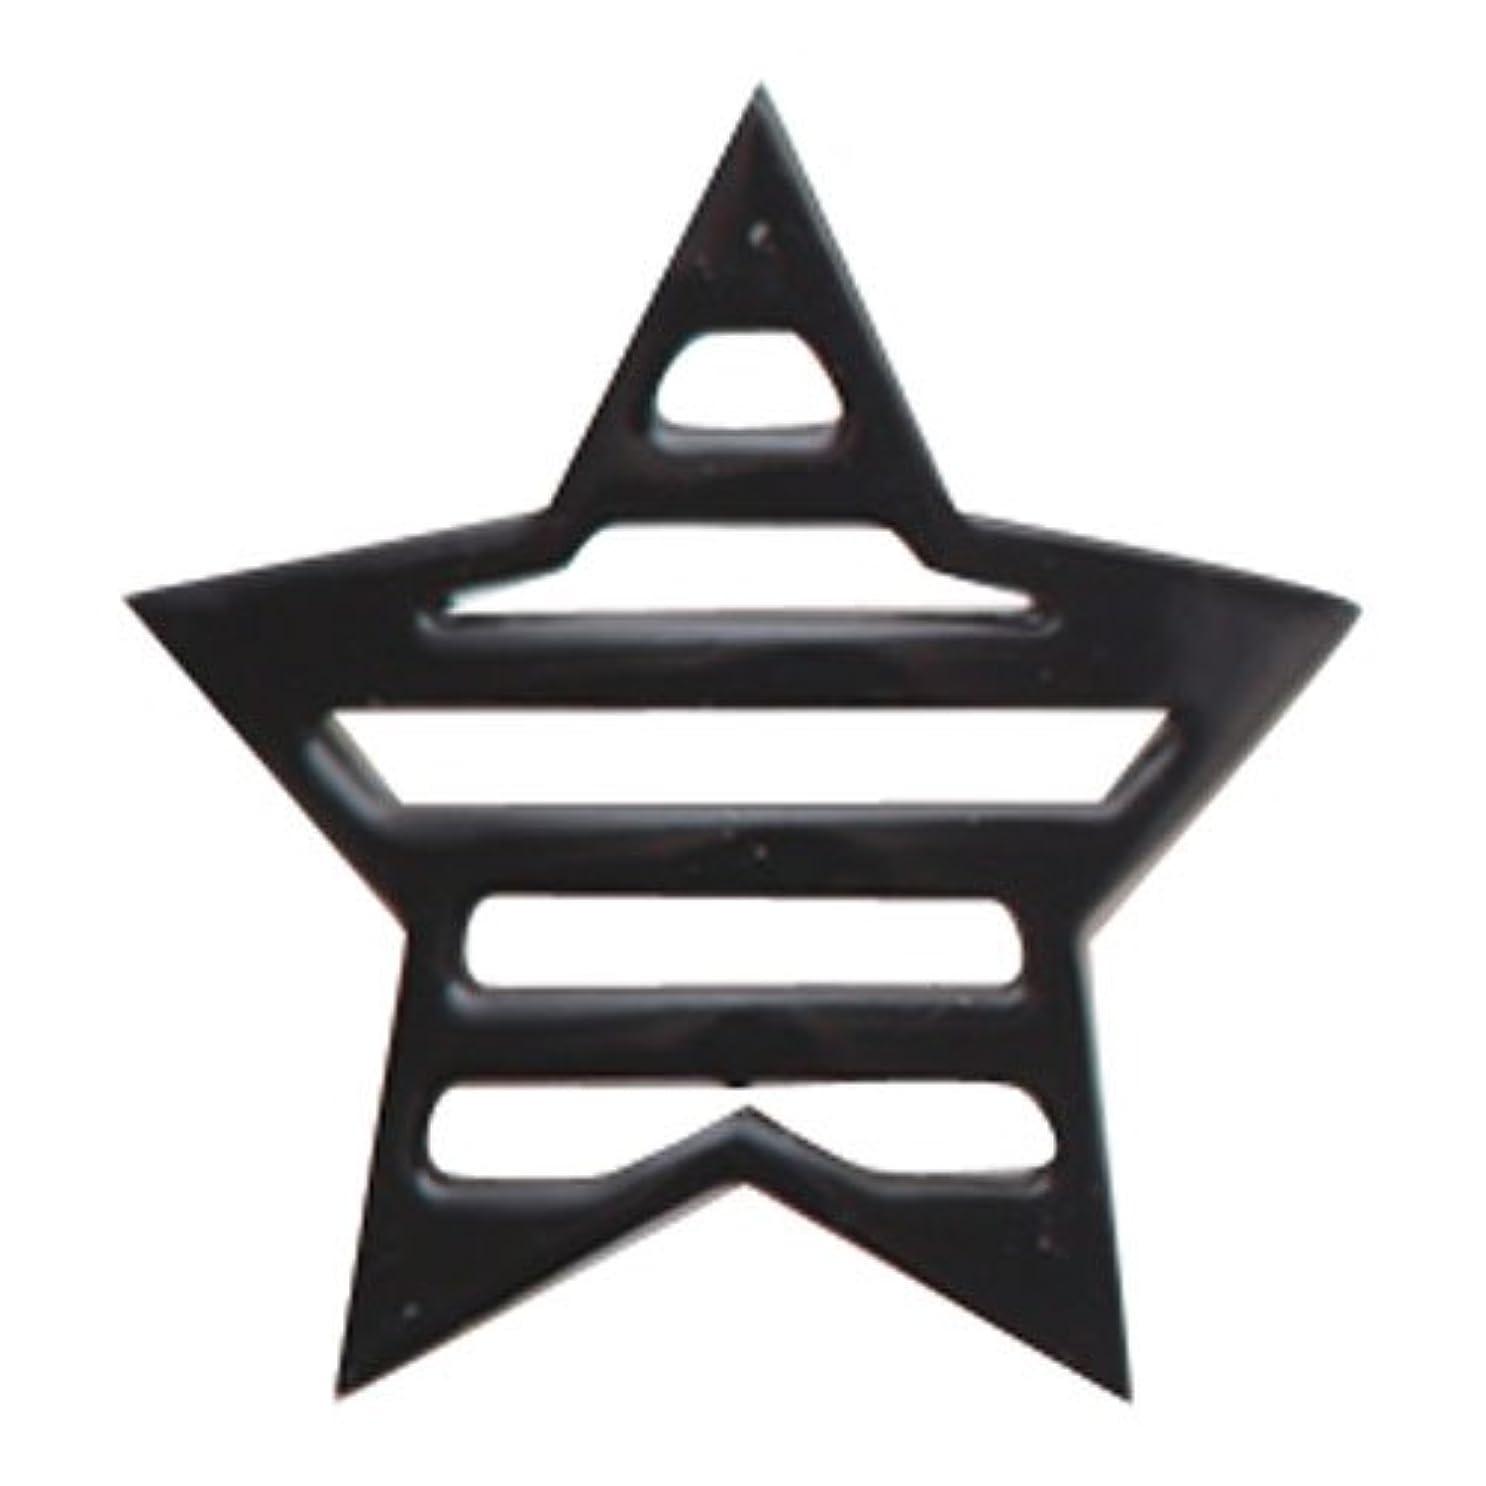 専制傀儡唯物論リトルプリティー ネイルアートパーツ 星ボーダー L ブラック 10個